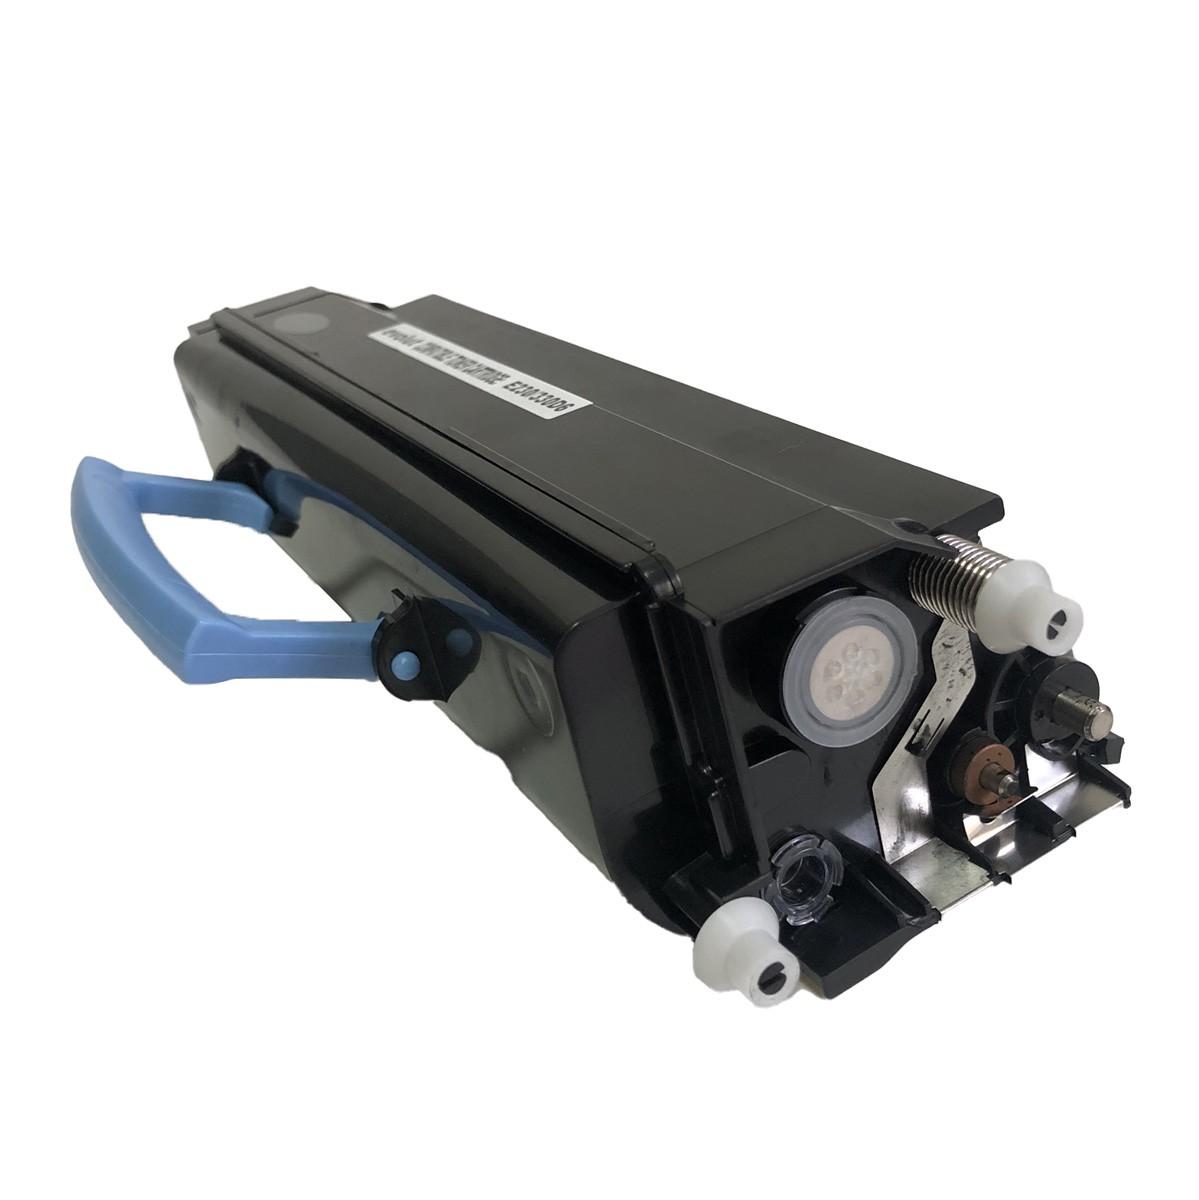 Toner Evolut E230/330 Compatível com 330 340 X203 X204 da Lexmark